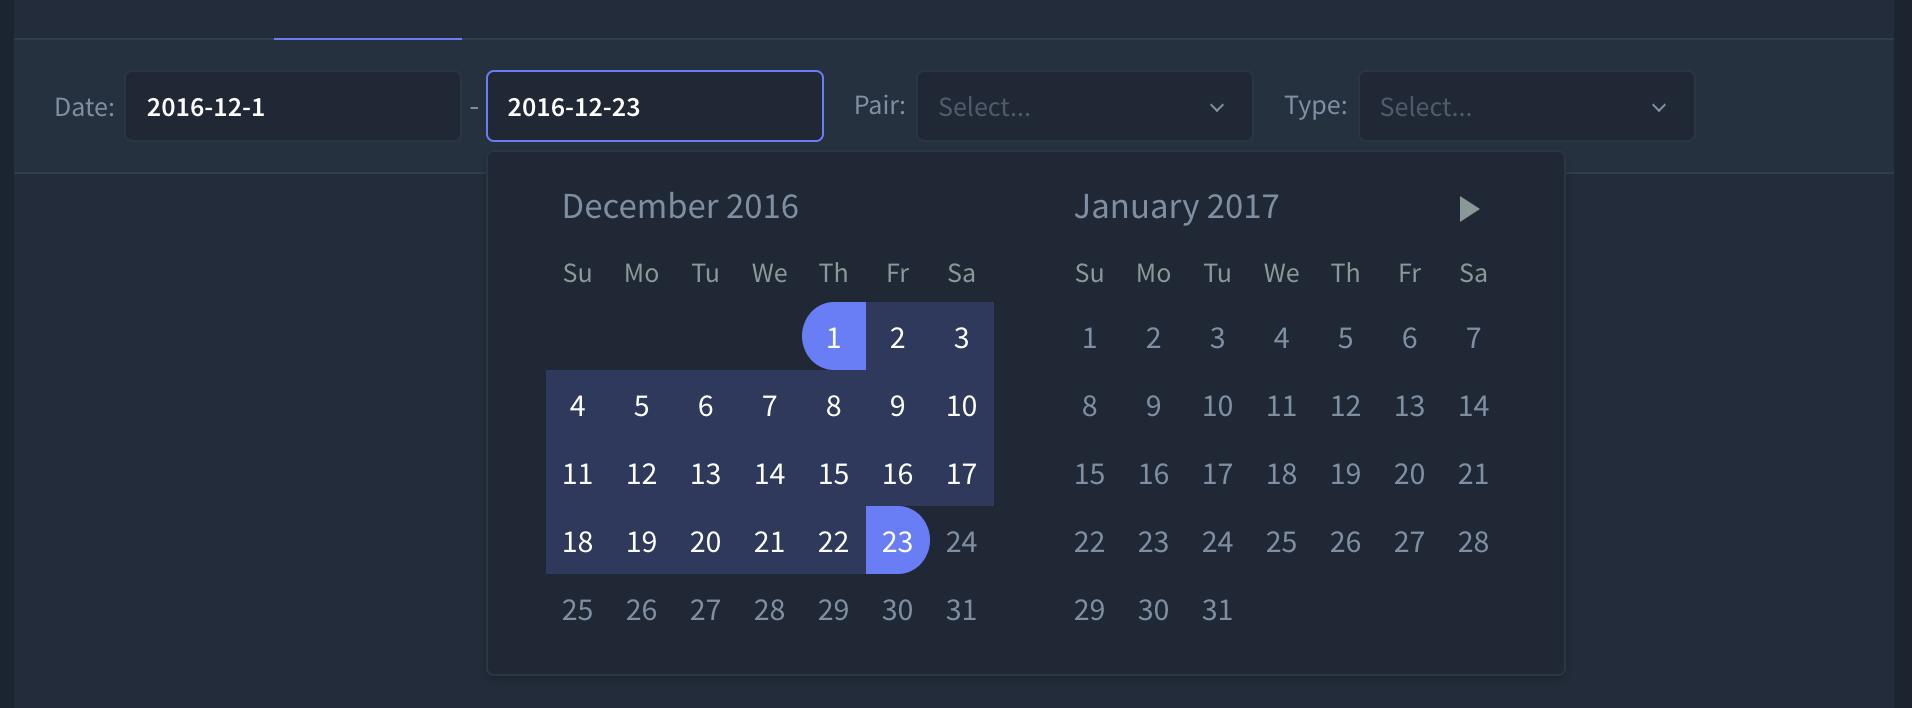 screen shot 2018-10-08 at 02 36 02